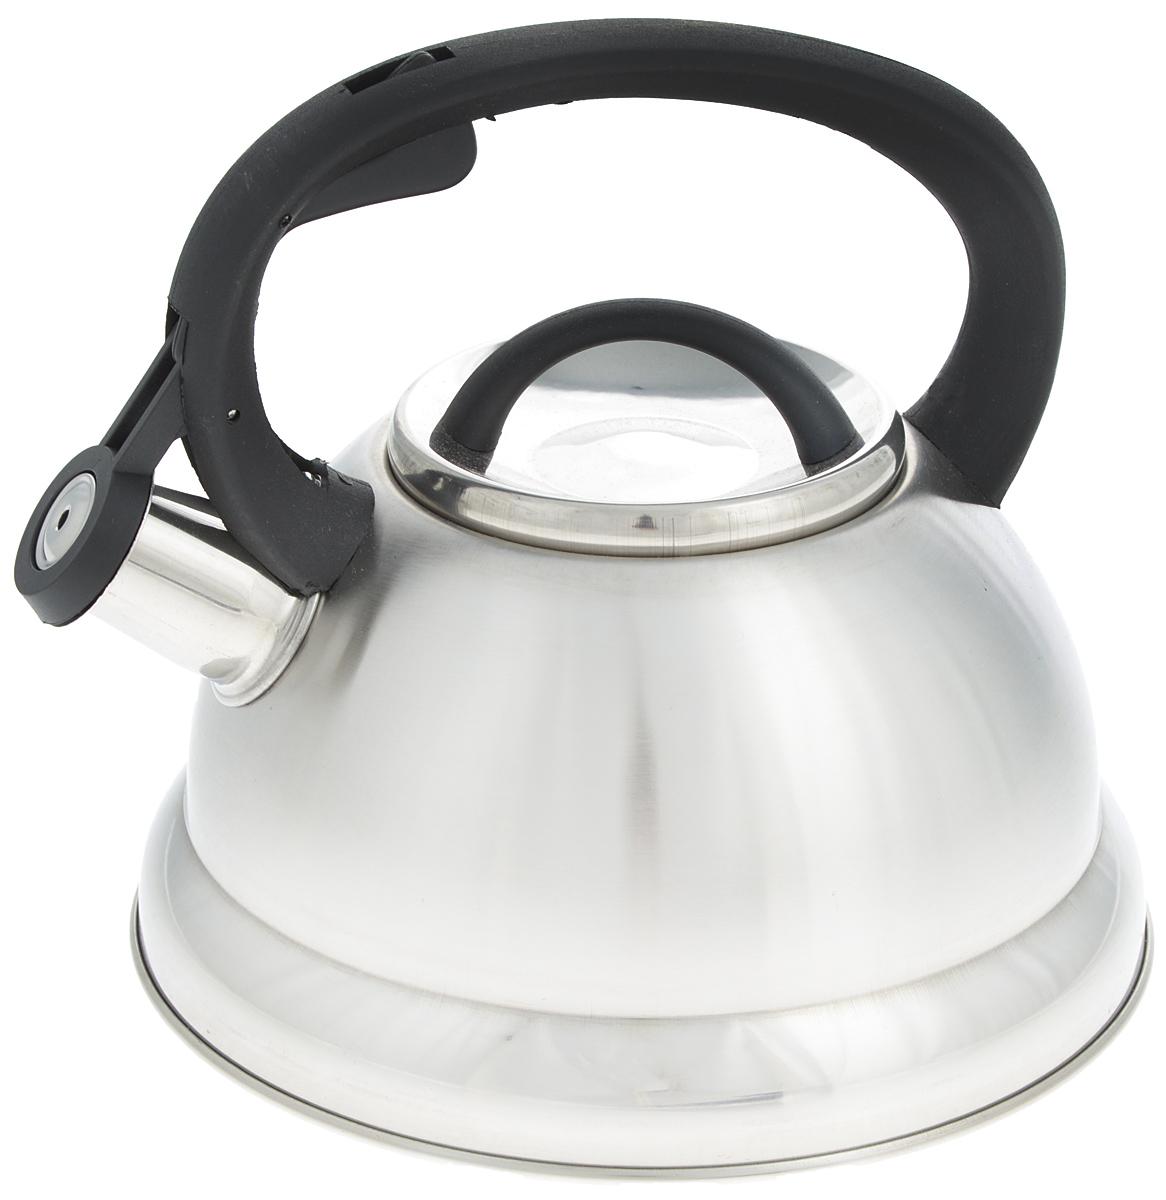 Чайник Mayer & Boch, со свистком, 2,5 л. 2574725747Чайник со свистком Mayer & Boch изготовлен из высококачественной нержавеющей стали, что обеспечивает долговечность использования. Носик чайника оснащен откидным свистком, звуковой сигнал которого подскажет, когда закипит вода. Свисток открывается нажатием кнопки на фиксированной ручке, сделанной из пластика. Чайник Mayer & Boch - качественное исполнение и стильное решение для вашей кухни. Подходит для газовых, электрических, стеклокерамических и галогеновых плит. Можно мыть в посудомоечной машине. Высота чайника (с учетом ручки и крышки): 20,5 см. Высота чайника (без учета ручки и крышки): 12 см. Диаметр чайника (по верхнему краю): 10 см. Диаметр основания: 19 см.